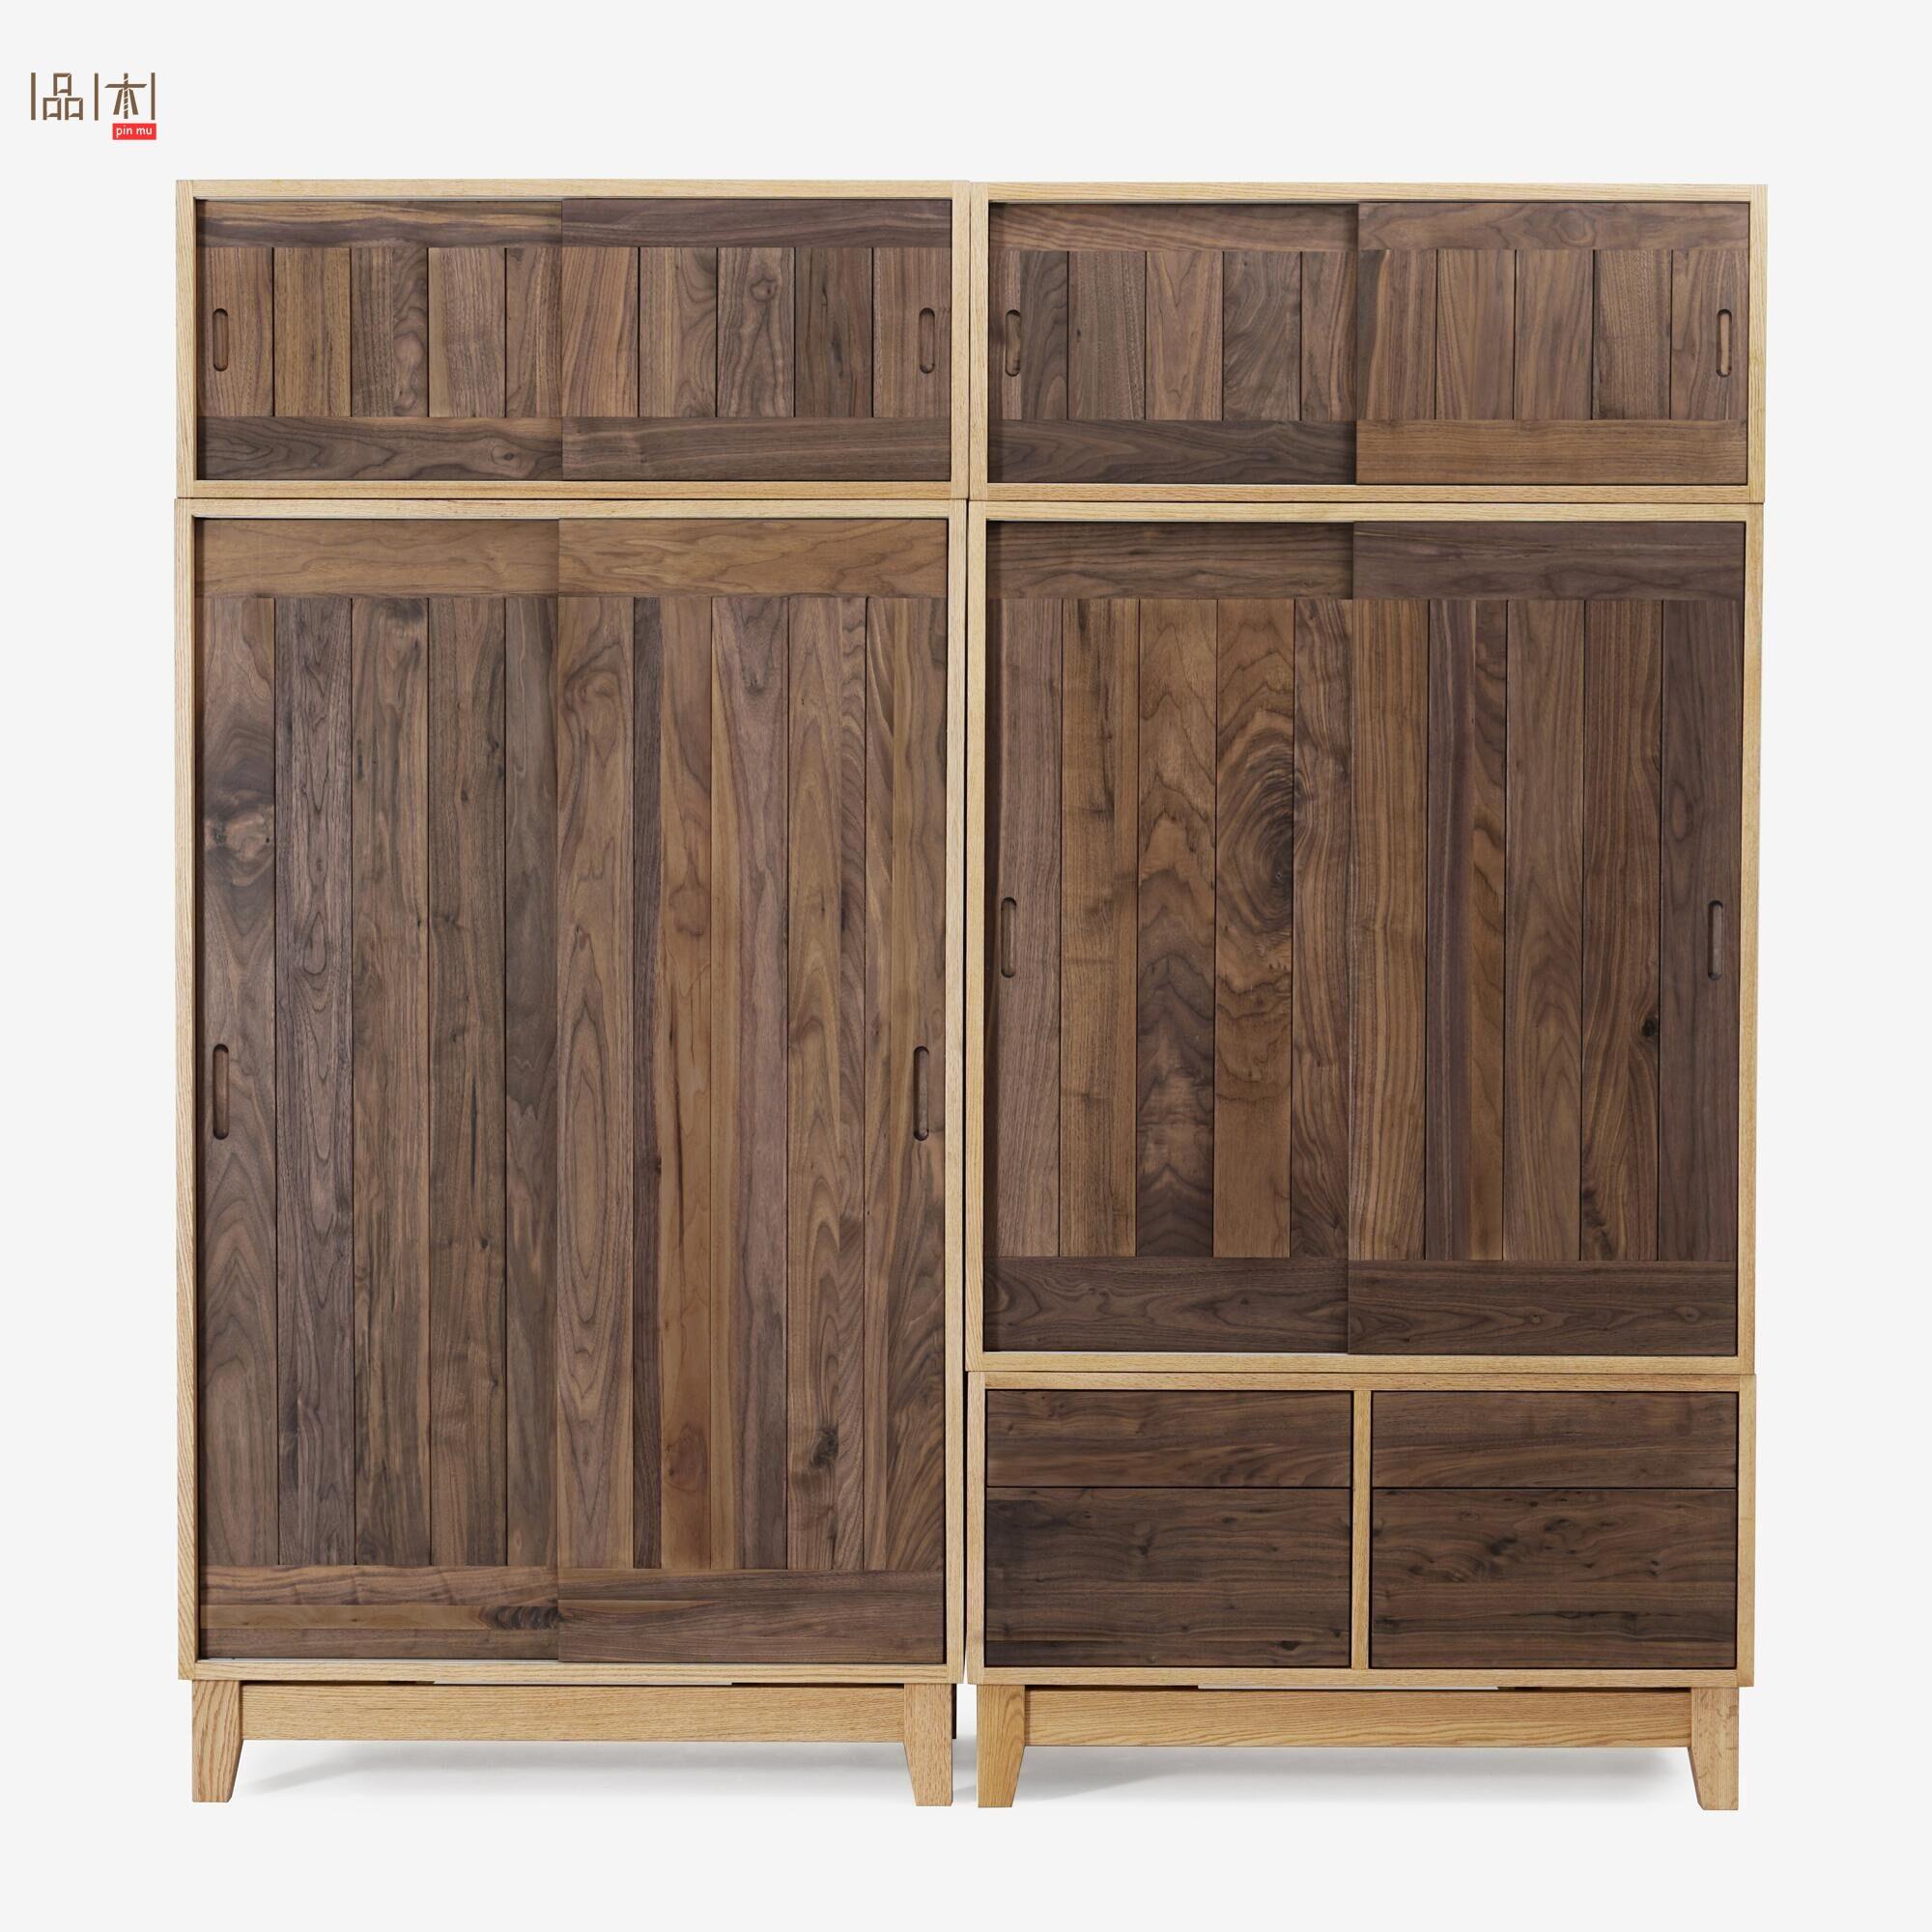 北欧全实木衣橱橡木黑胡桃木组合大衣柜推拉移门简约被褥收纳柜